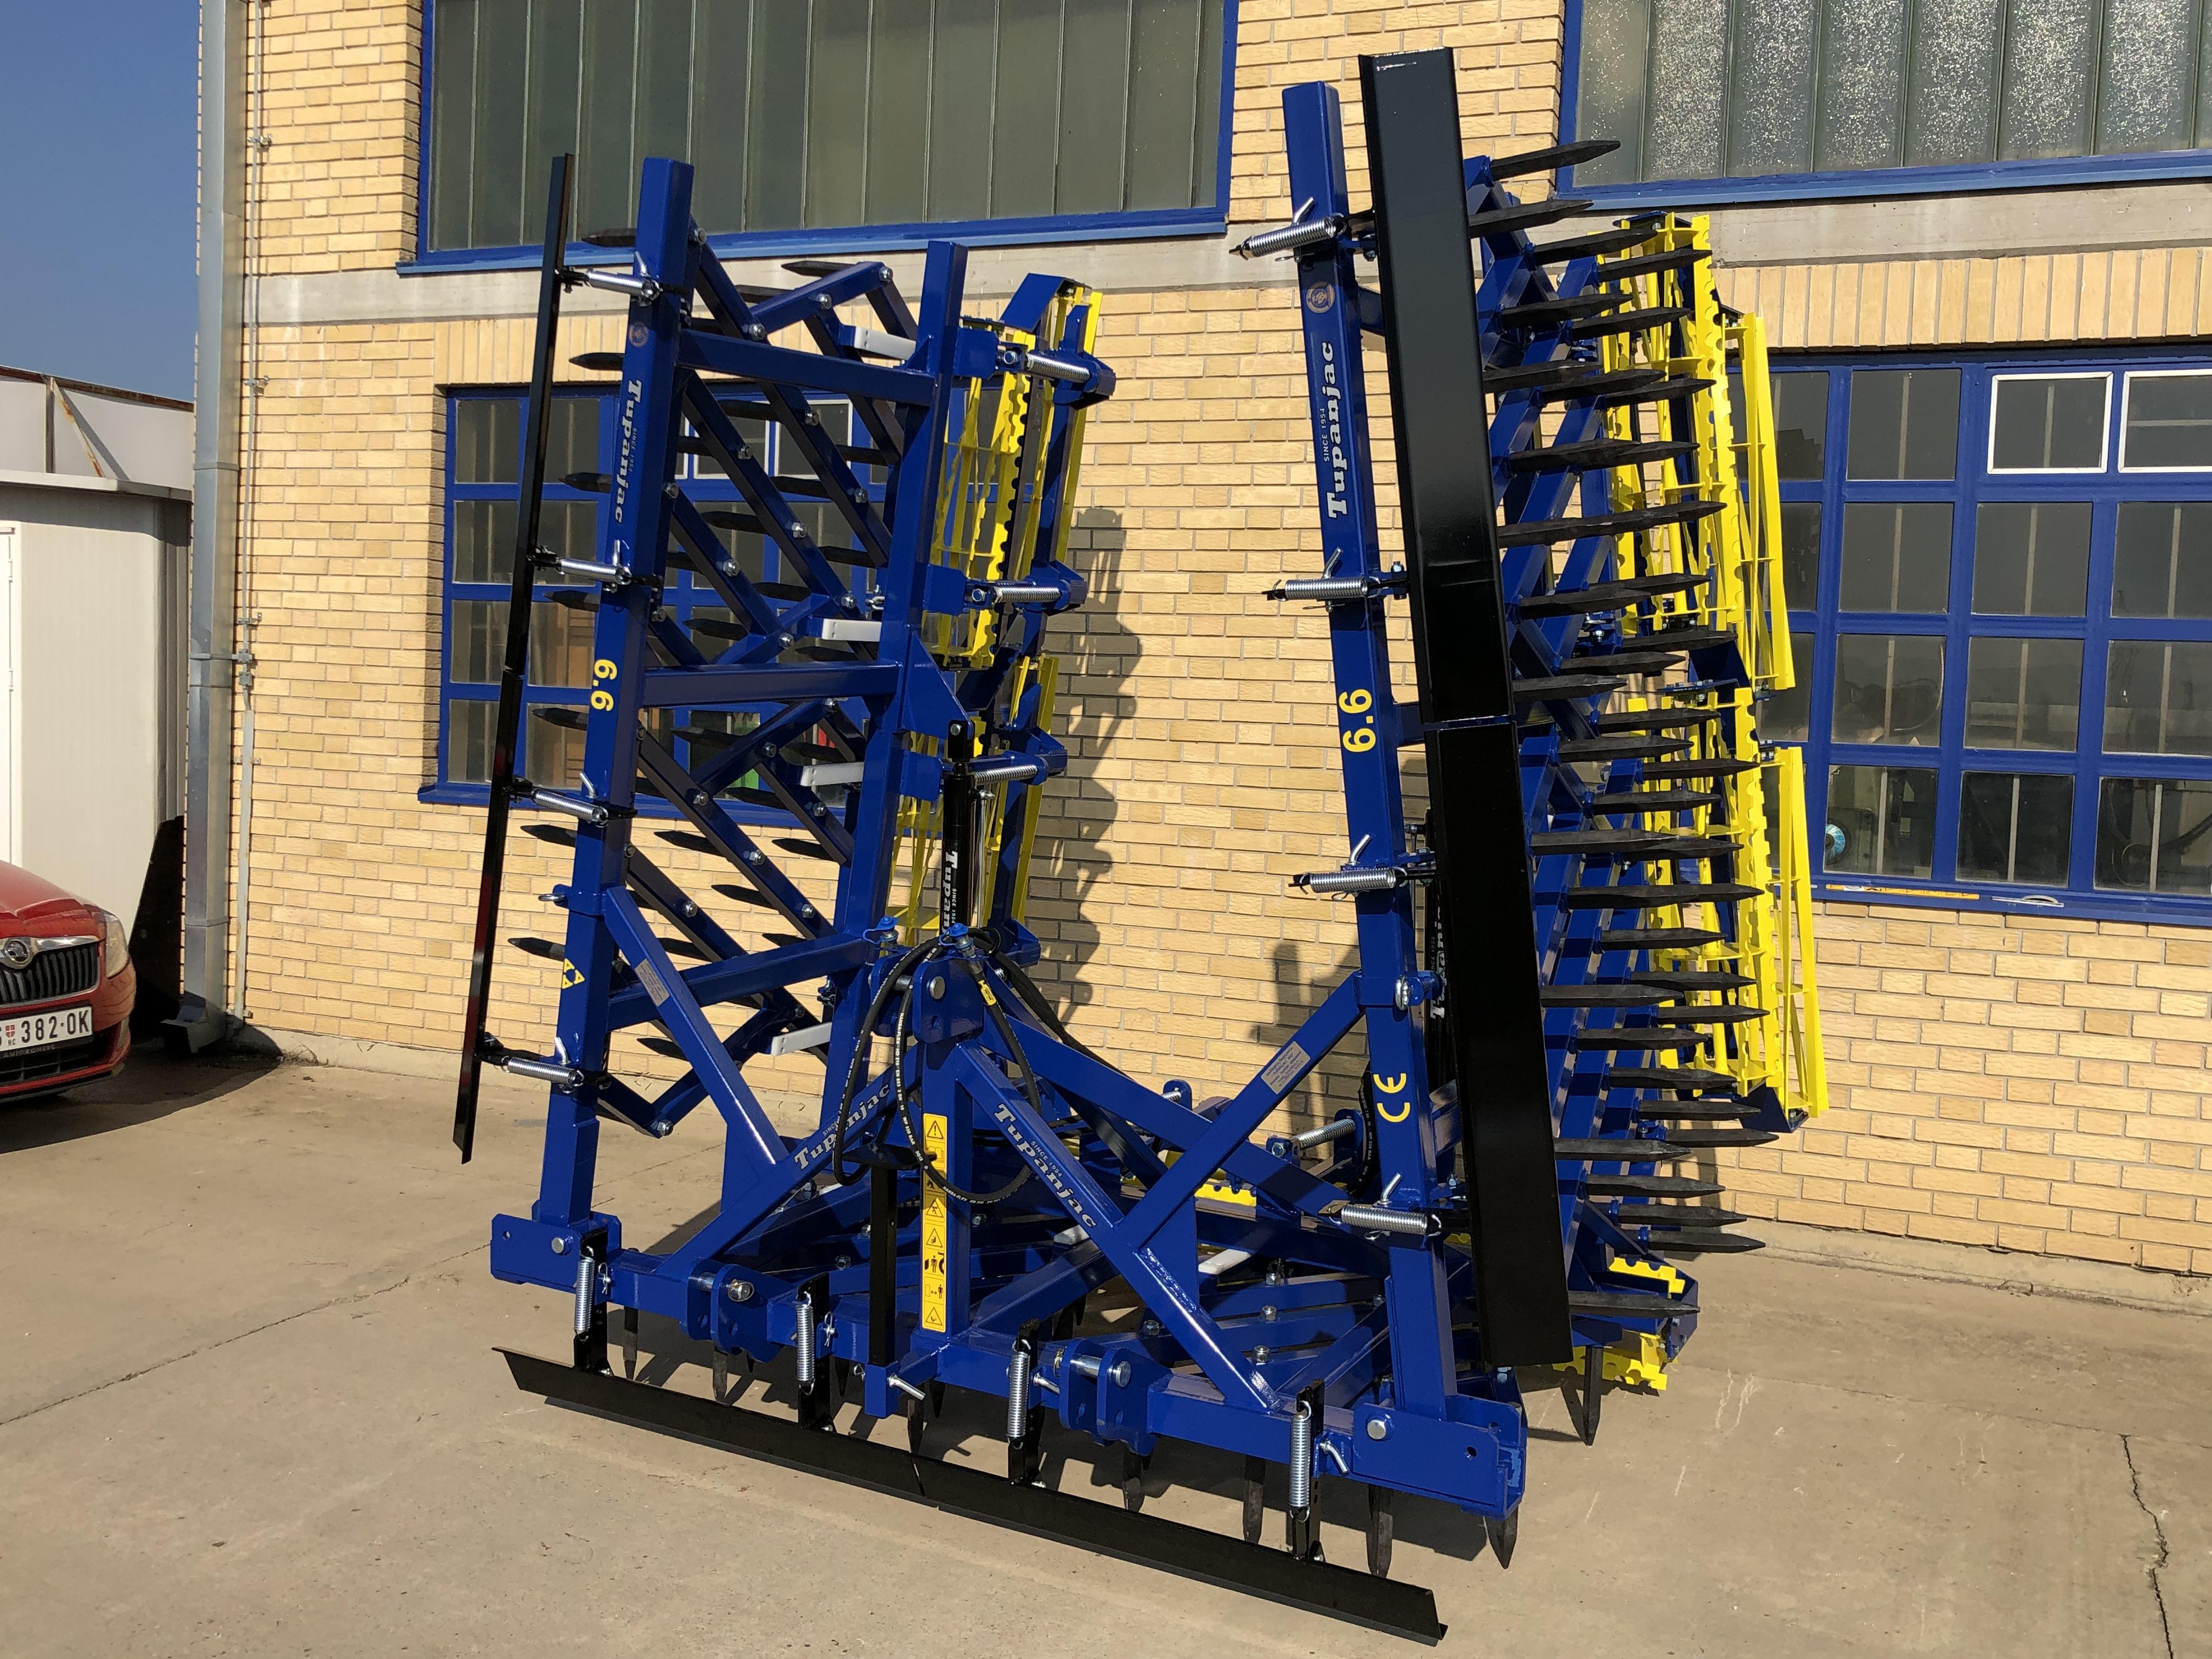 Teska drljaca radnog zahvata 6,6 metara